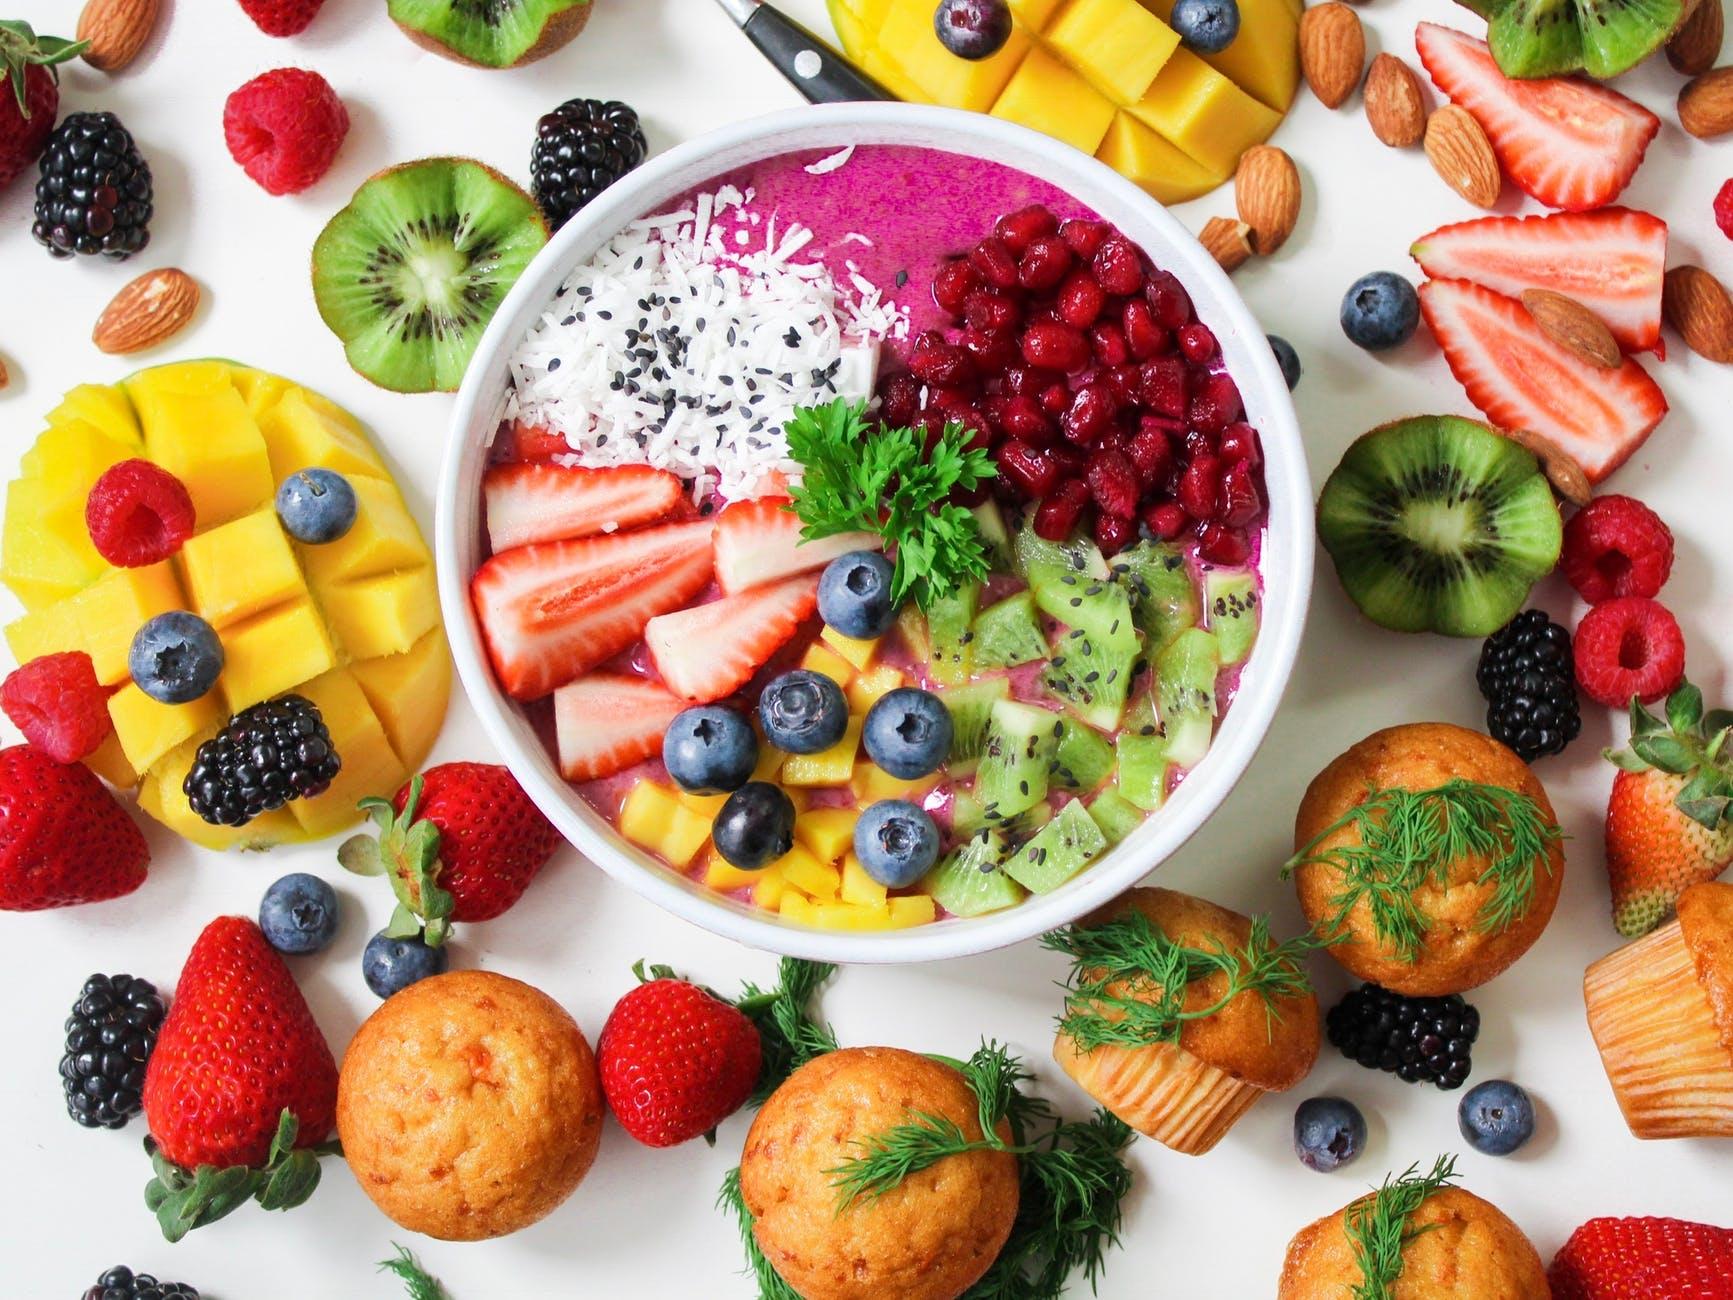 Diet sehat dan alami ala vegetarian